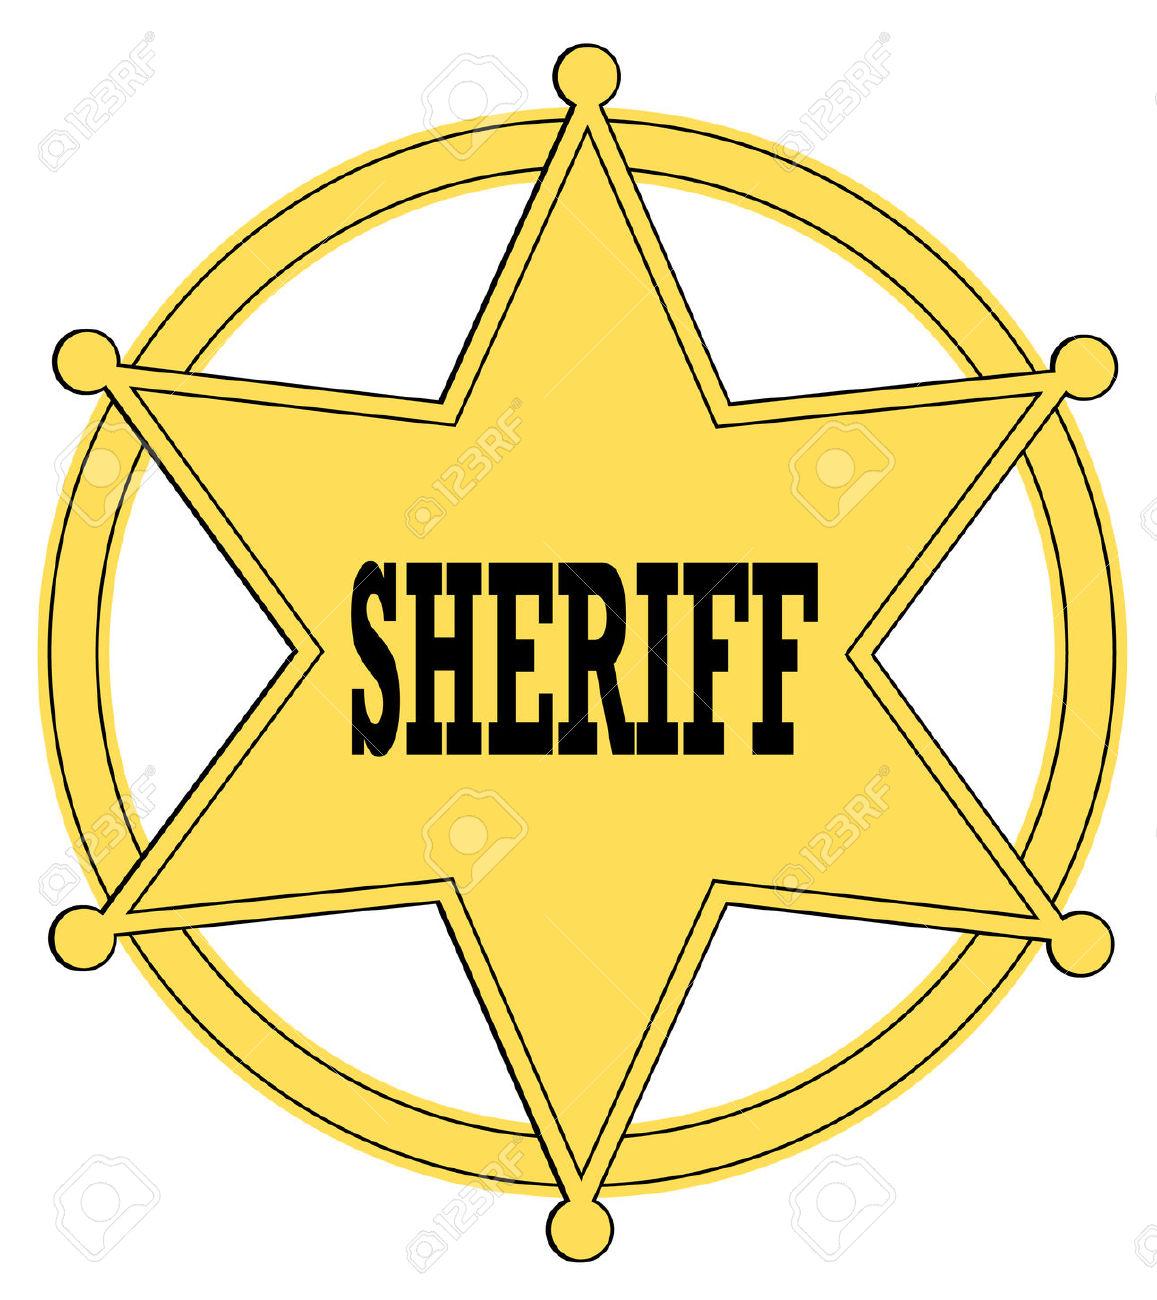 sheriff badge silhouette at getdrawings com free for personal use rh getdrawings com sheriff badge clip art free Sheriff Badge Outline